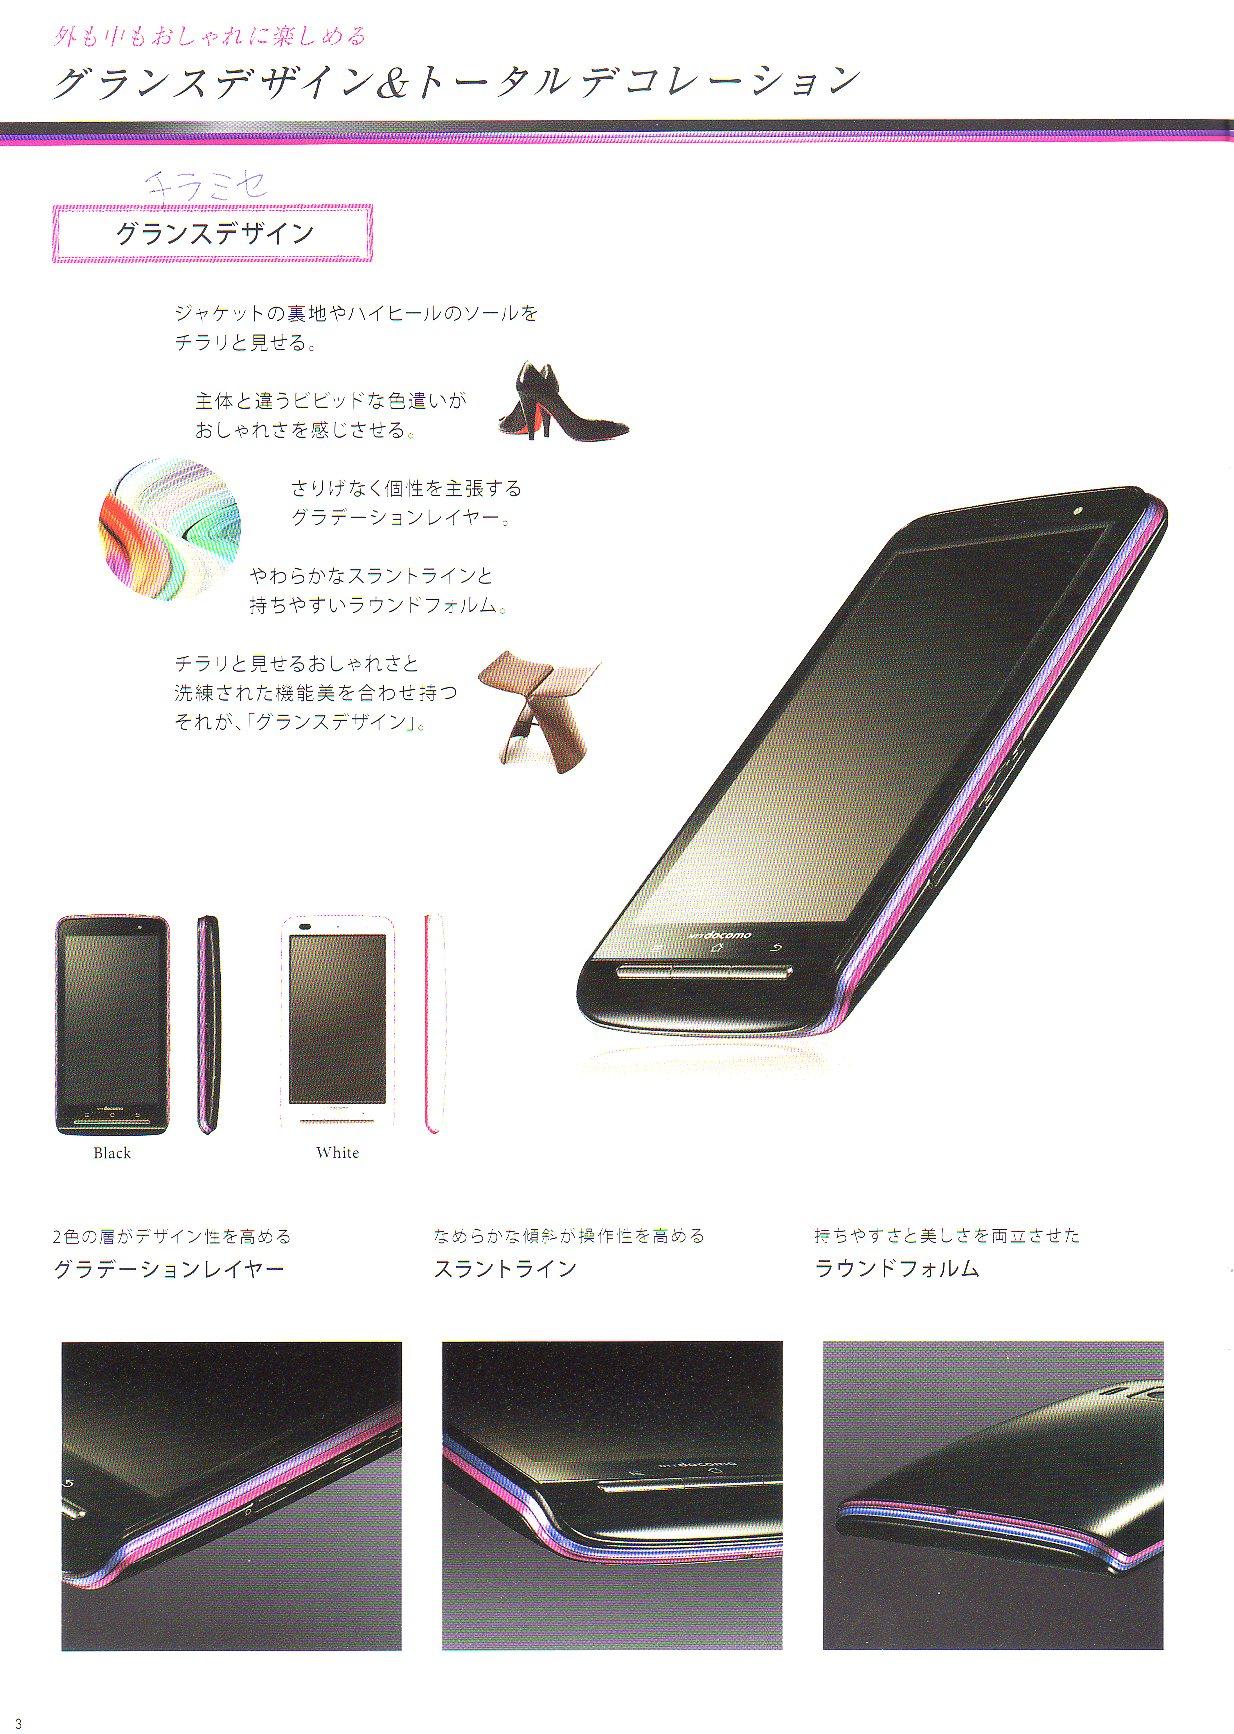 439626faf0 NTTドコモ 初パナソニック製スマートフォン「P-07C」女性向けを意識した可愛いデザイン 2011年8月13日発売開始   GPad